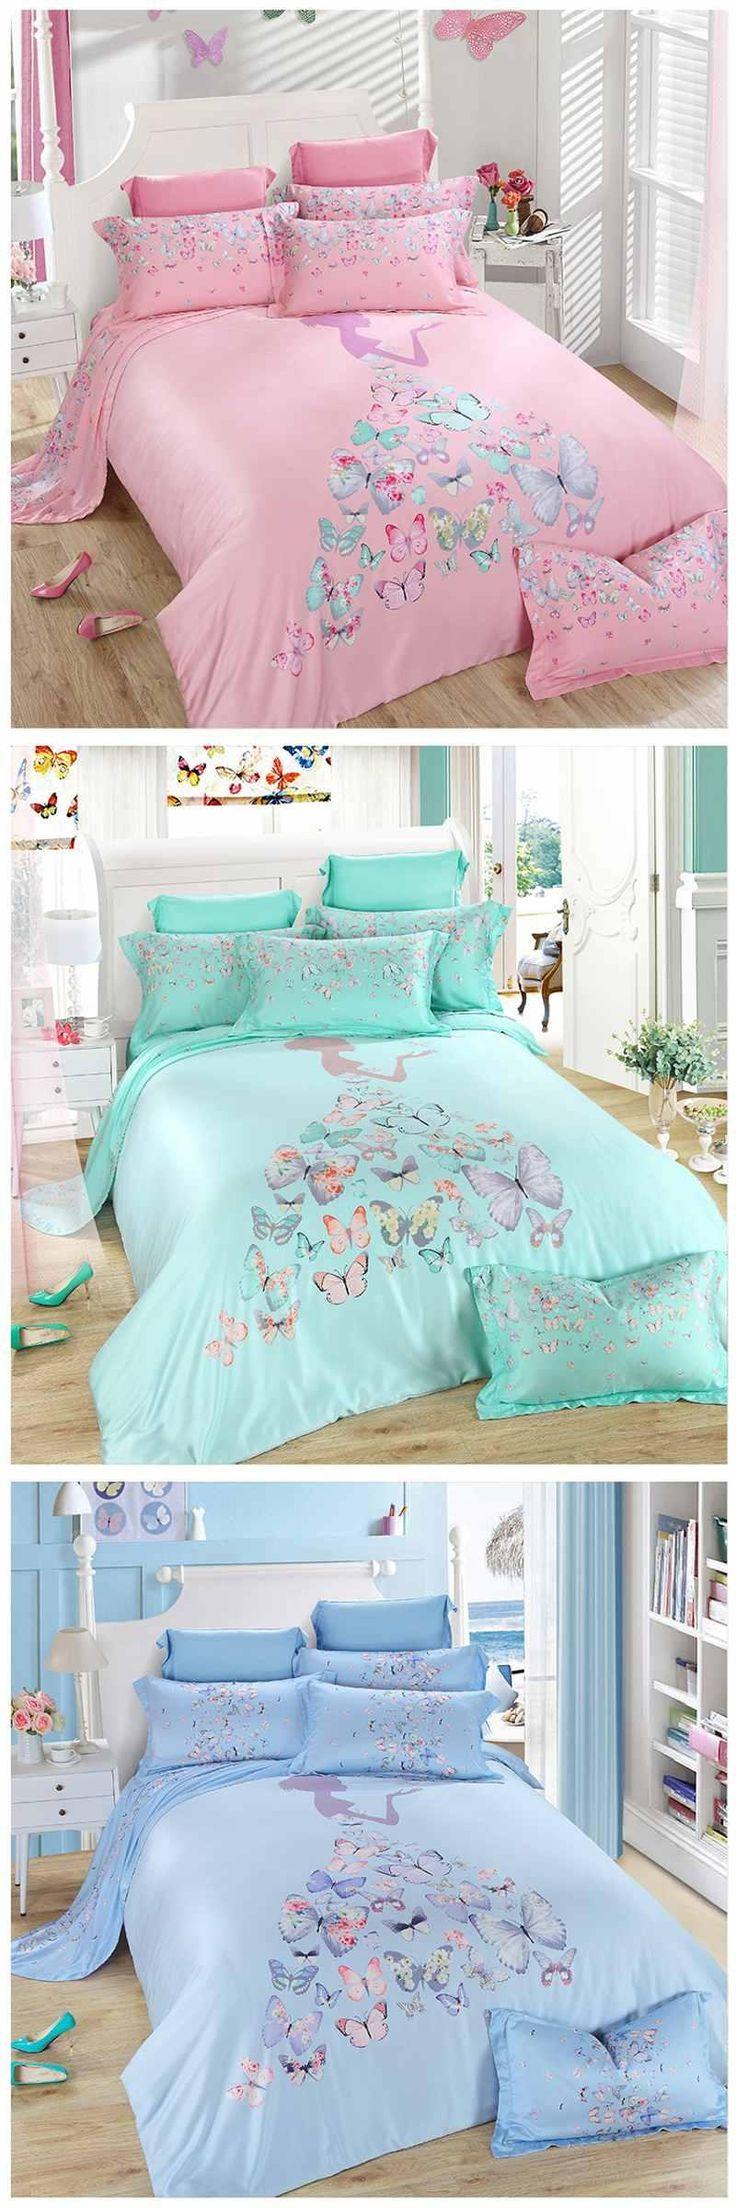 tencel bedding set princess 4pcs butterfly duvet cover bed sheet linen home pillowsking